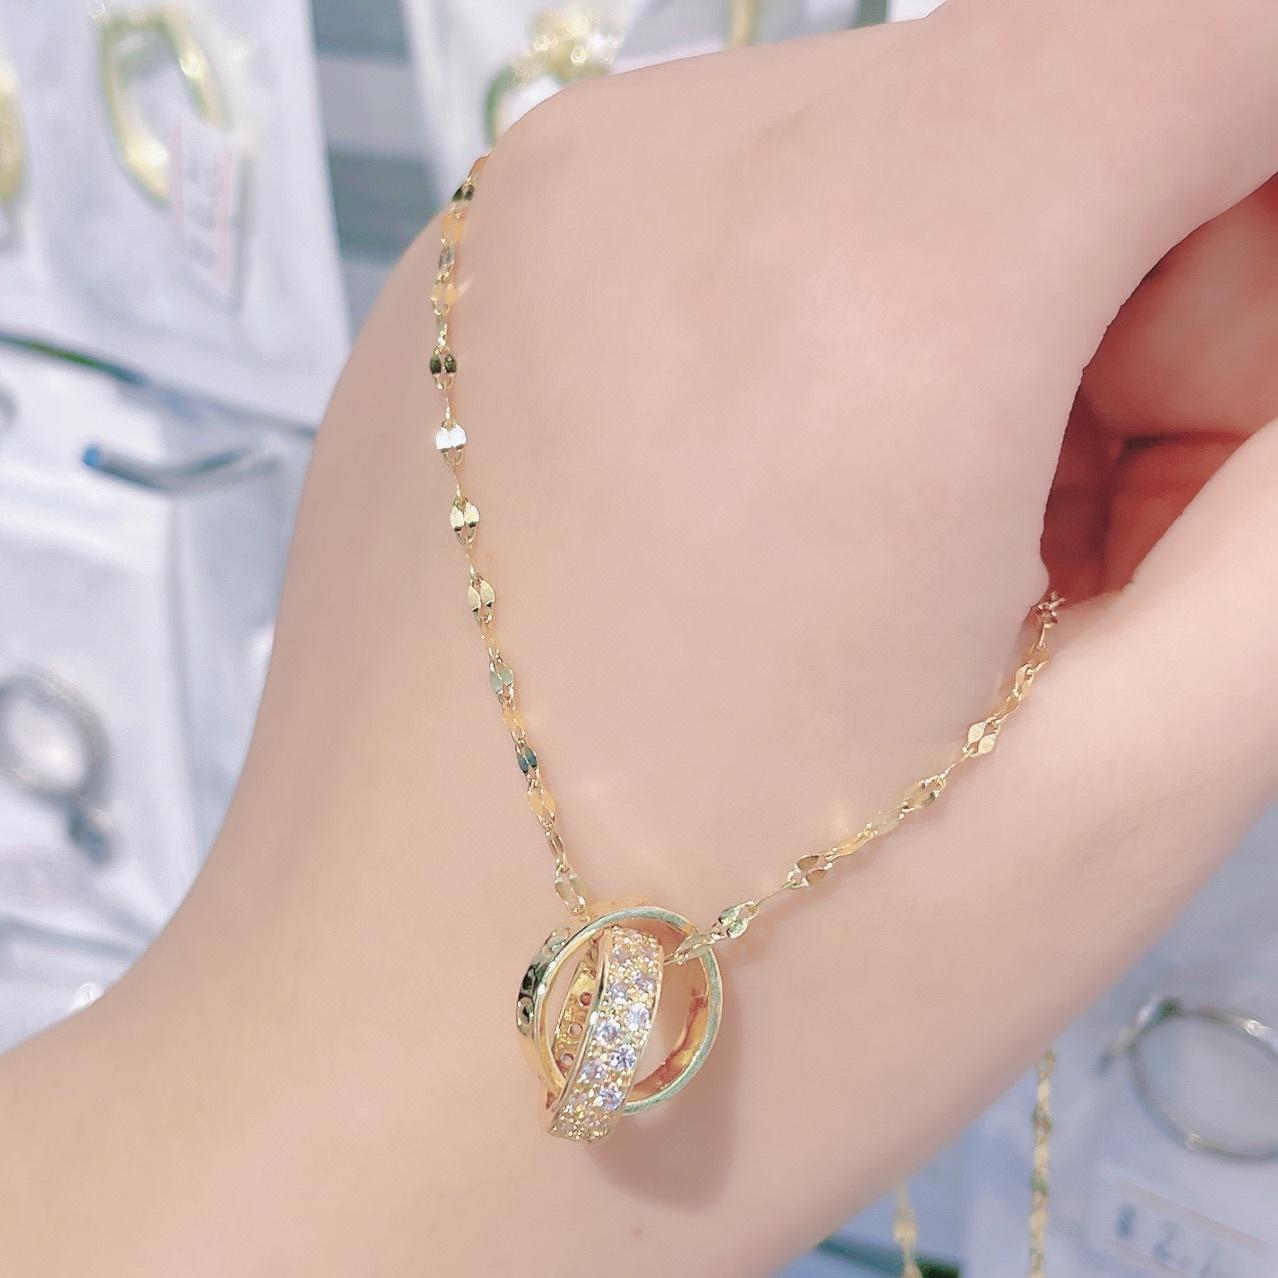 新款双环钛钢不掉色项链女轻奢小众高级感闺蜜ins锁骨链网红同款项链